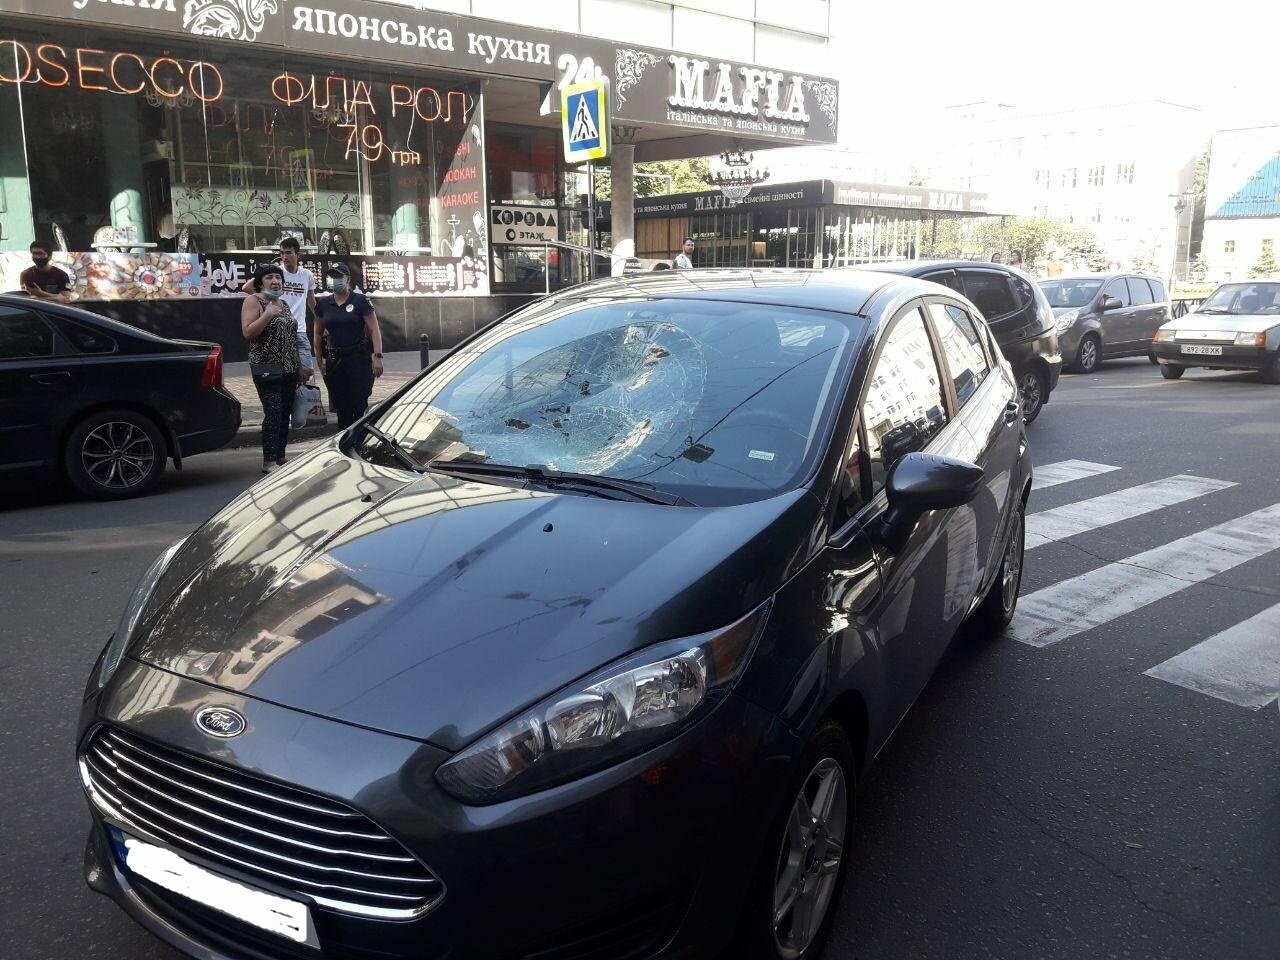 """На """"Пушкинской"""" легковое авто сбило пешехода на """"зебре"""": пострадавший в больнице, - ФОТО, фото-4"""